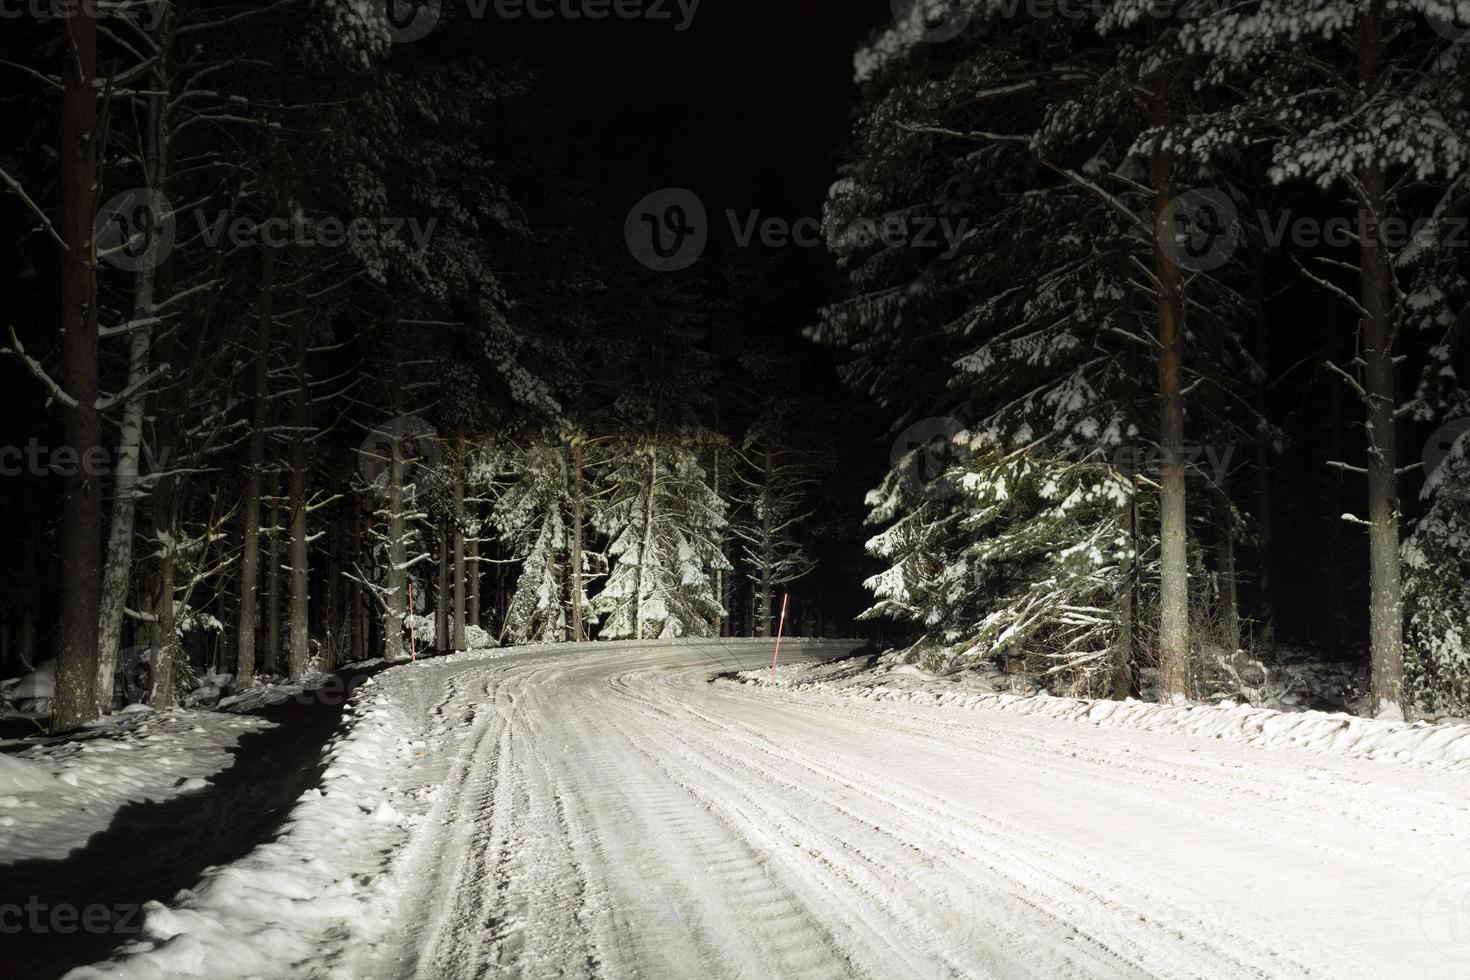 utsikt över en hal vinterväg med helljusstrålkastare på natten foto